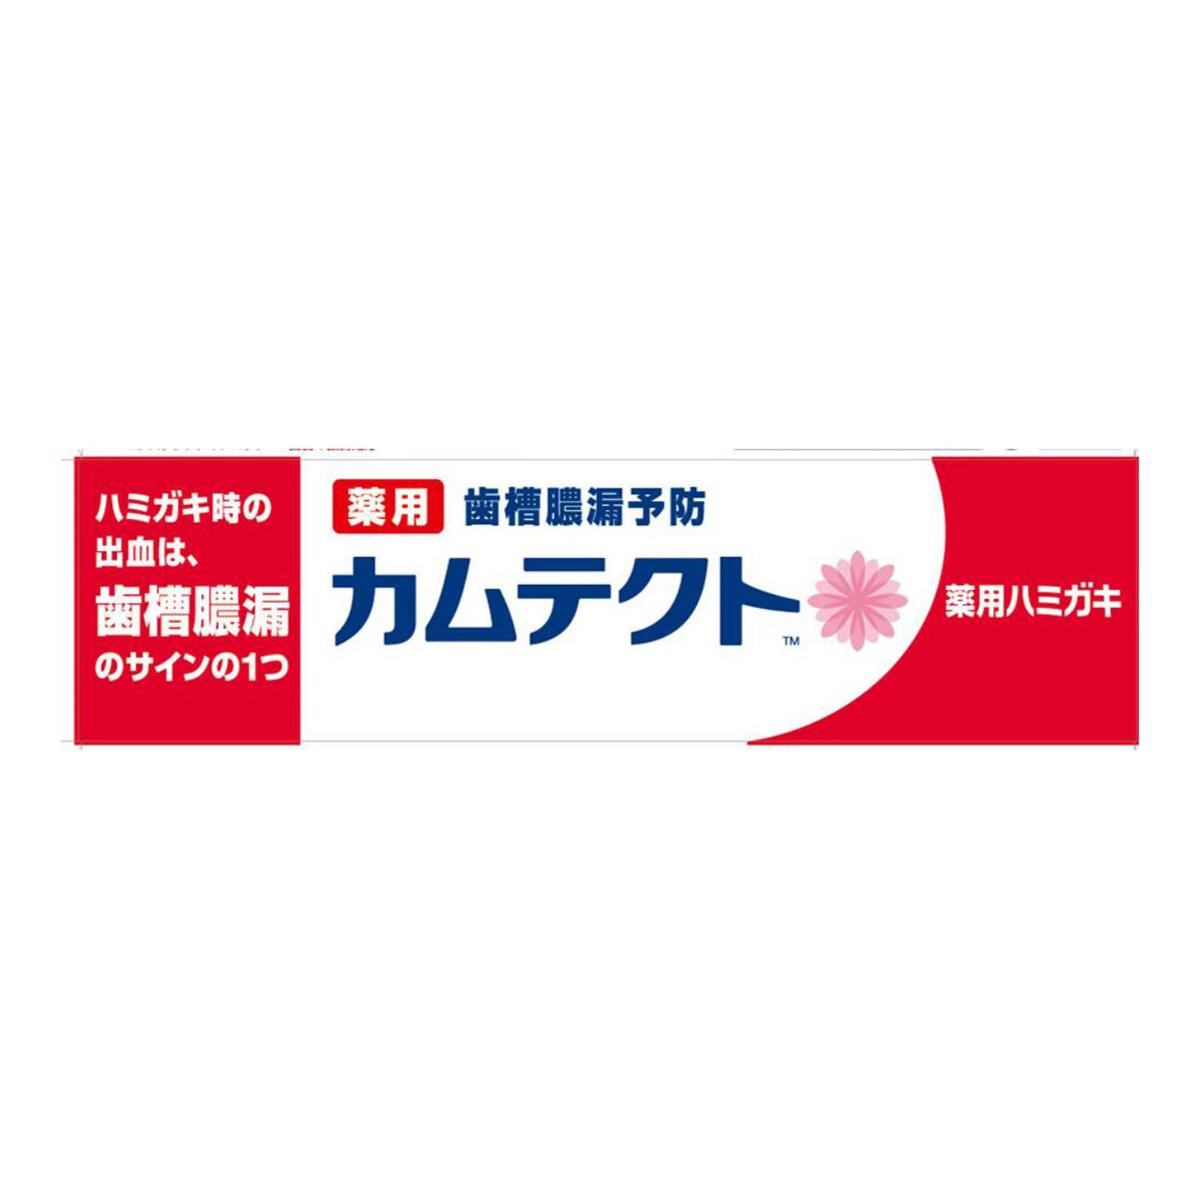 【送料込】カムテクト 薬用ハミガキ 115g 歯槽膿漏予防 医薬部外品×72点セット まとめ買い特価!ケース販売 ( 4901080766212 )